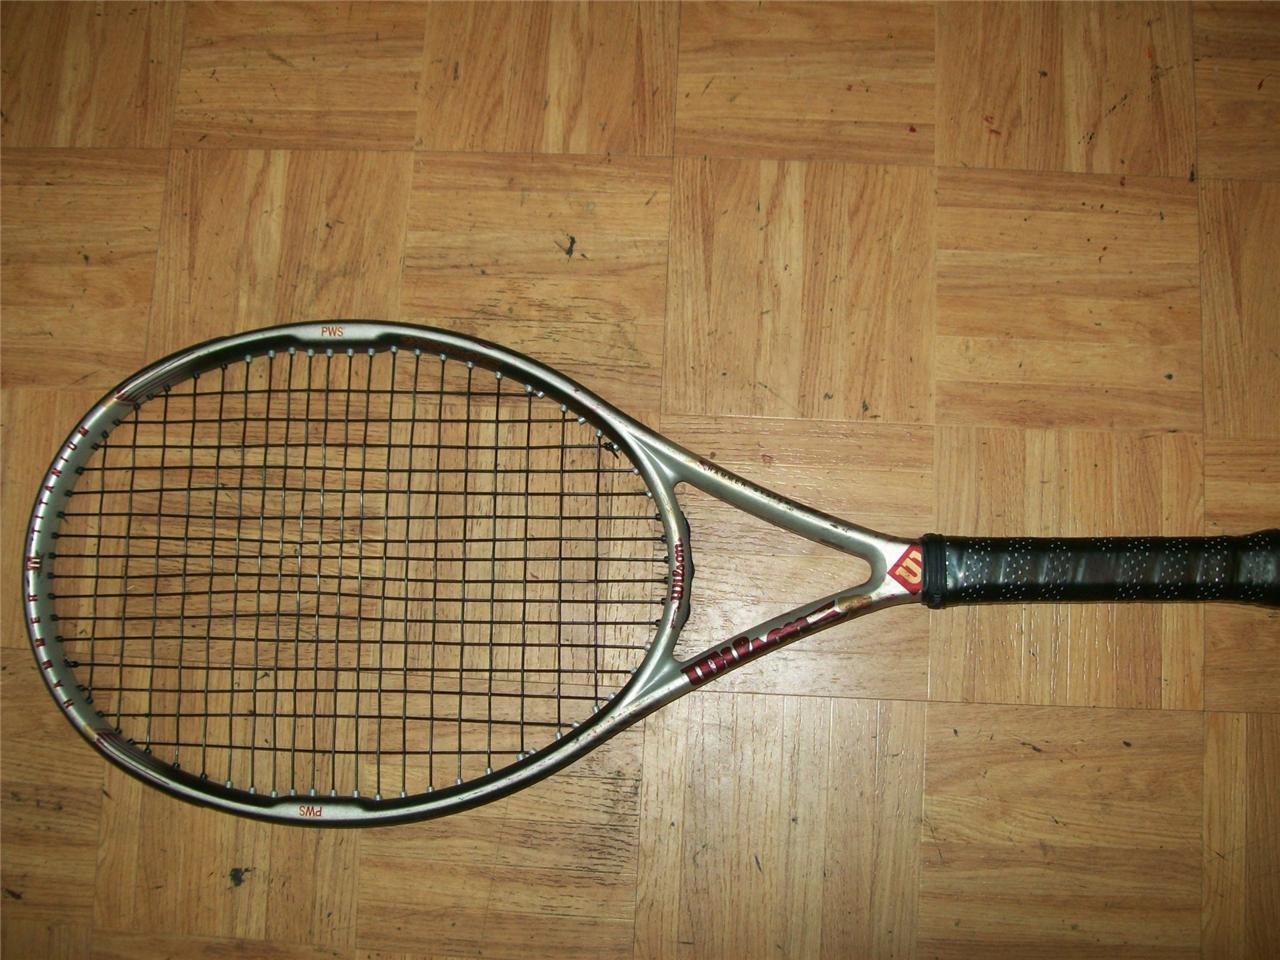 Wilson Hammer 4.4 os 110 Stretch 4 1 4  Grip Tenis Raqueta  más descuento